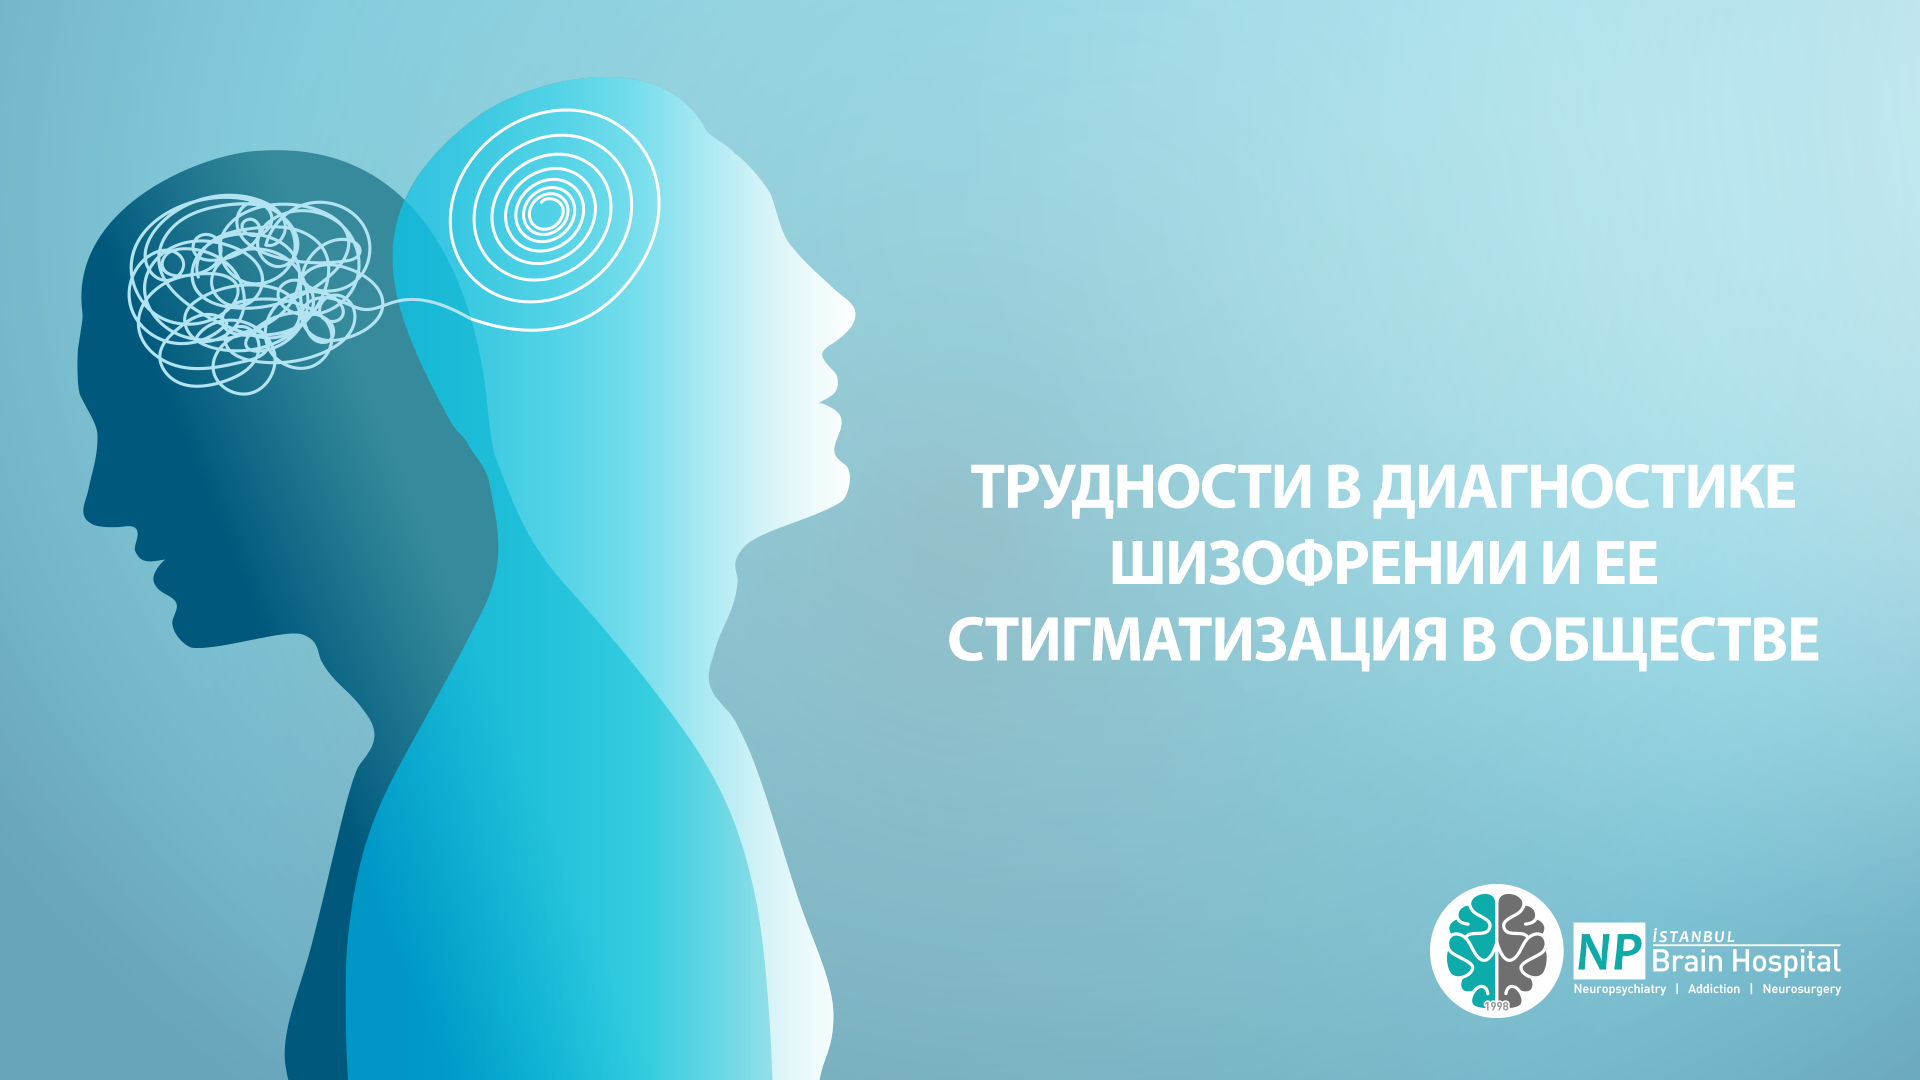 Трудности диагностики шизофрении  и ее стигматизация в обществе